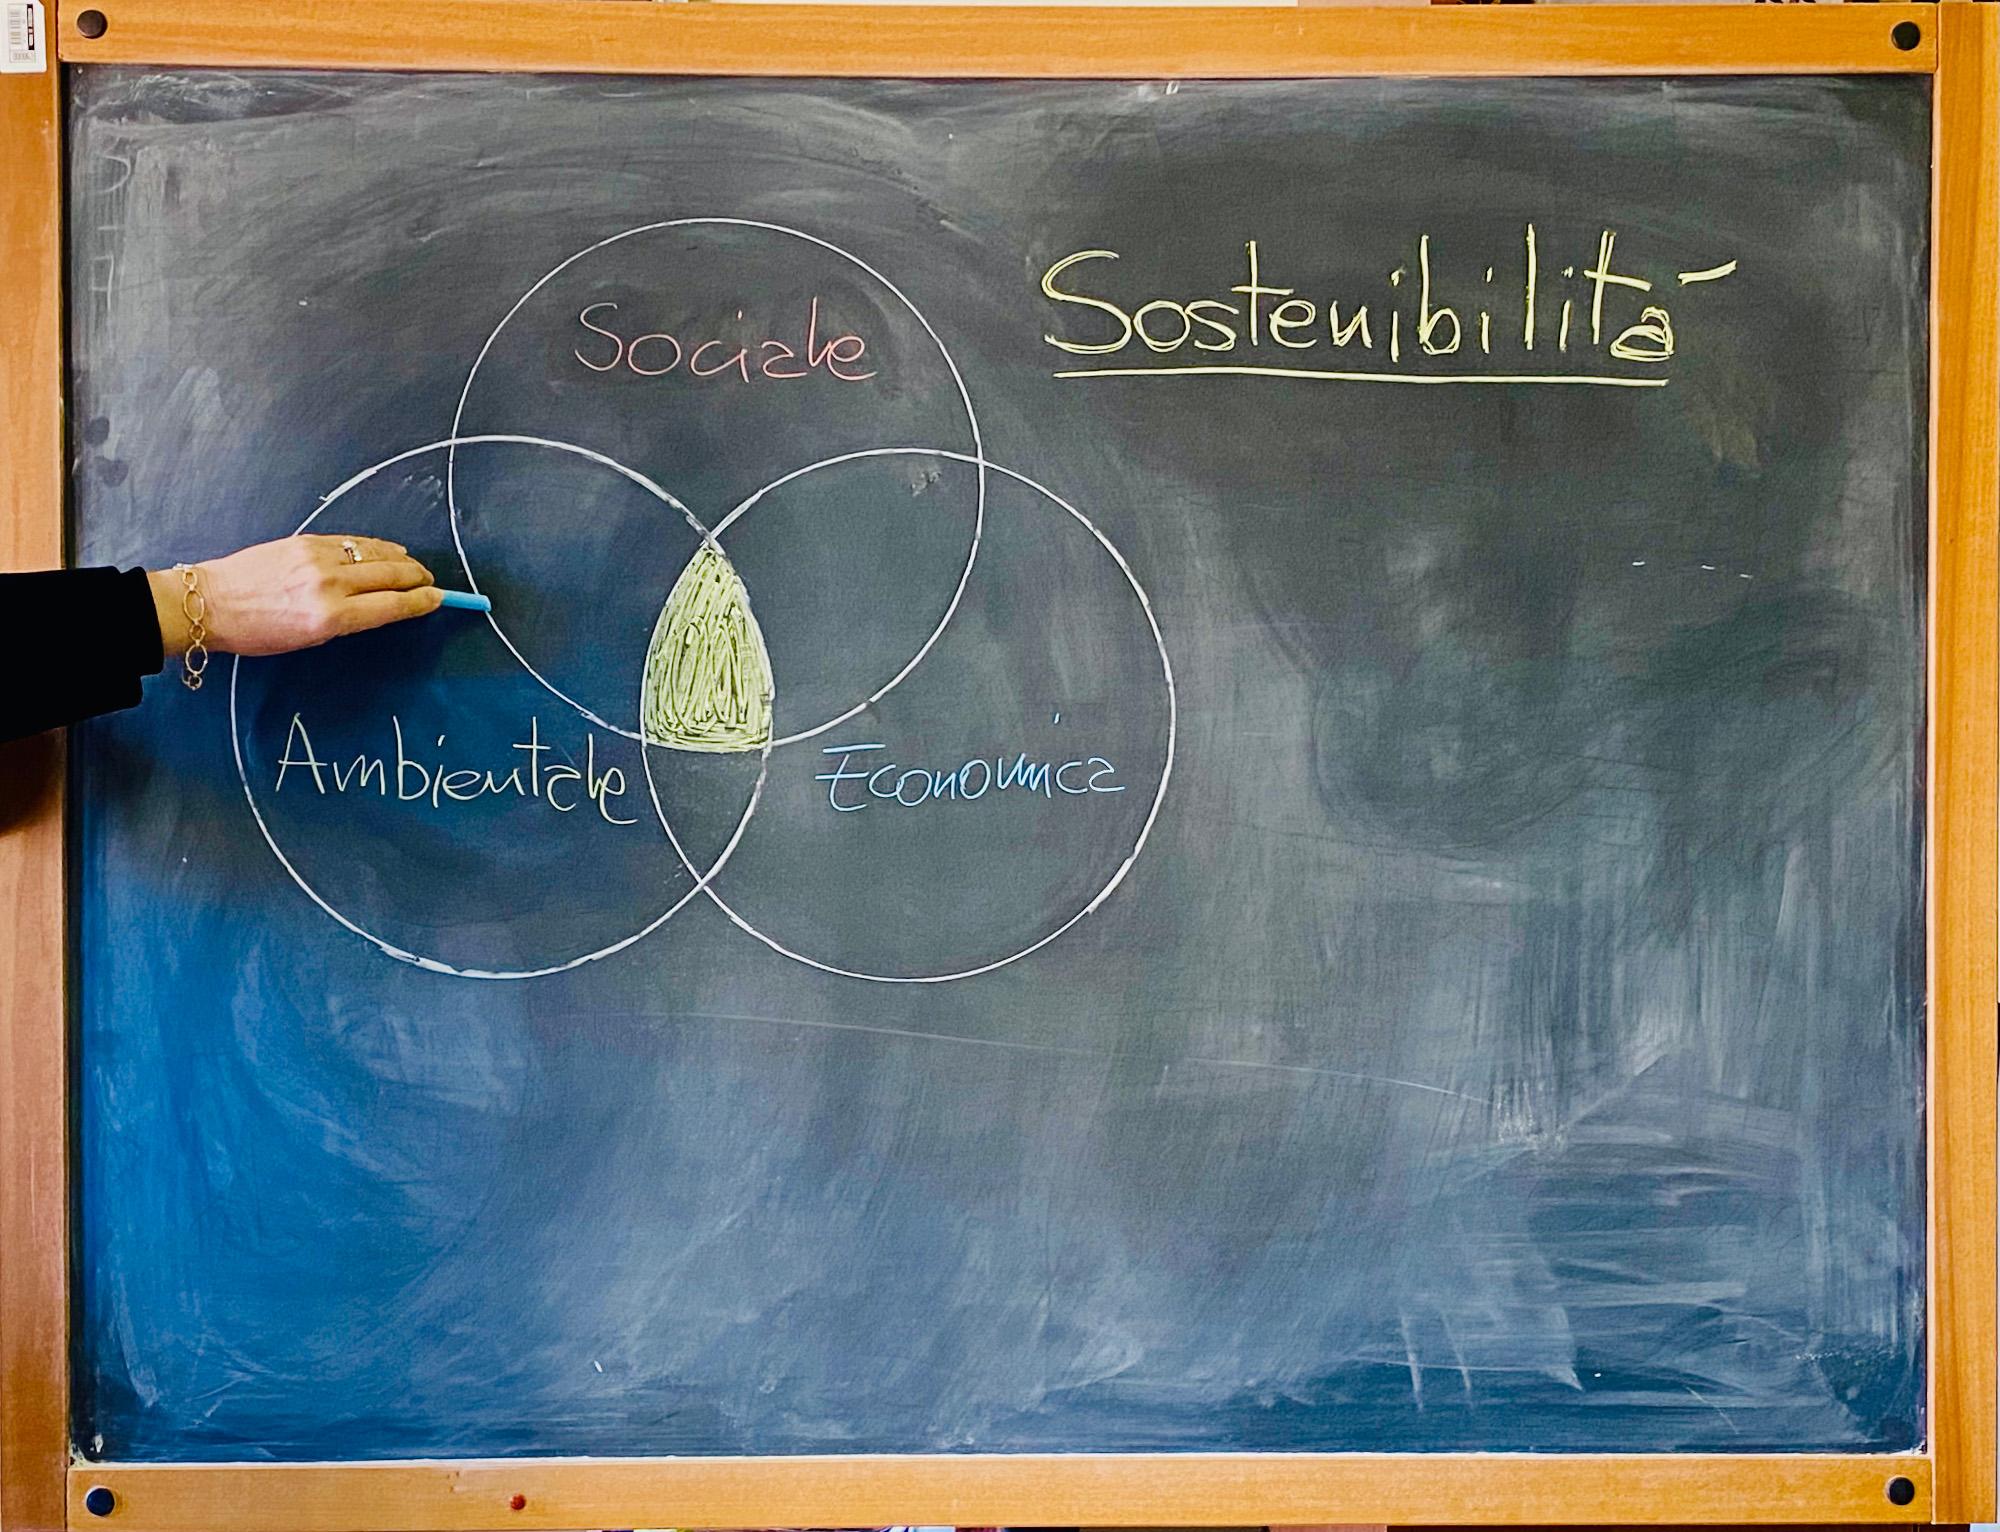 Il programma su Sostenibilità, Benessere, Inclusione e Pari Opportunità di Daniela Mapelli, candidata nelle elezioni 2021 alla carica di rettore UNIPD. Porre al centro la persona e il suo benessere, incrementare la cultura di inclusione, offrire pari opportunità, potenziare la sostenibilità ambientale.